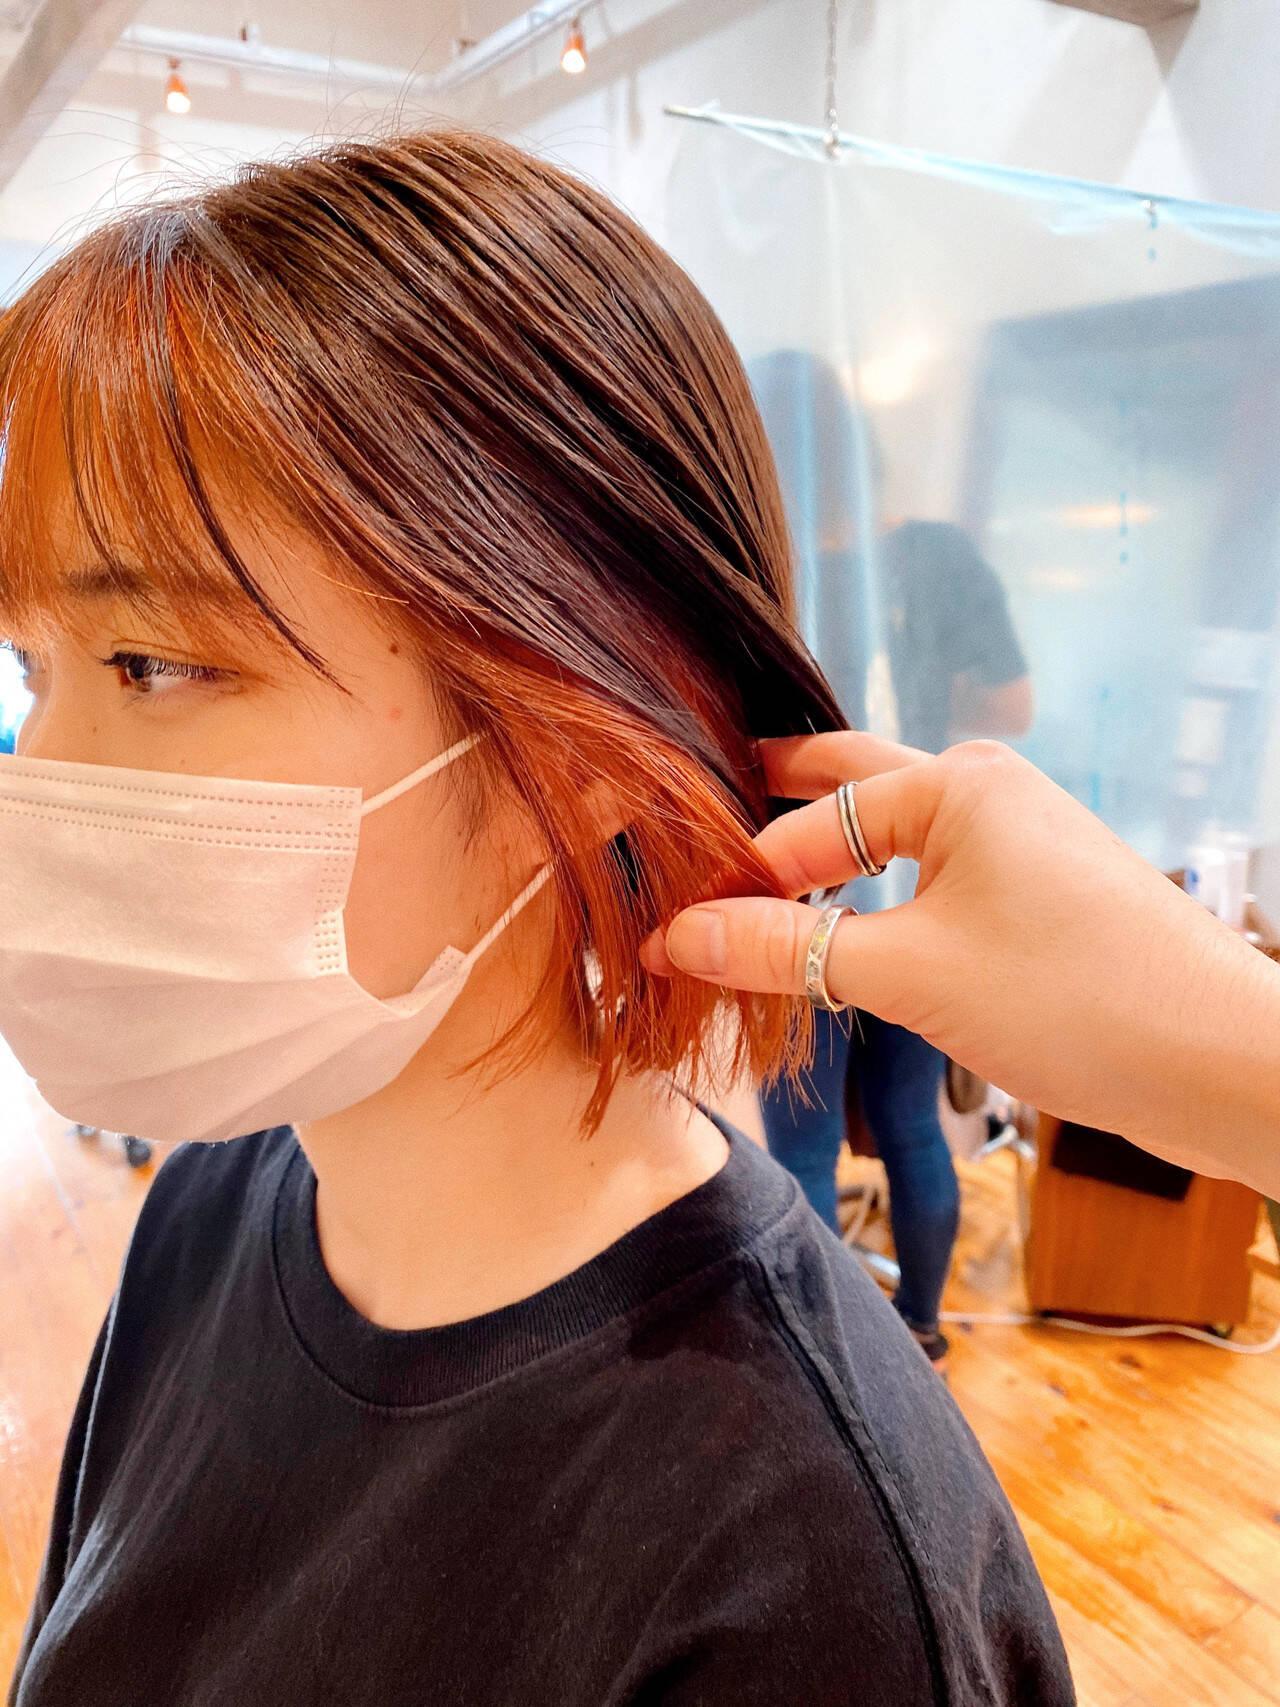 インナーカラー 切りっぱなしボブ オレンジベージュ ミニボブヘアスタイルや髪型の写真・画像